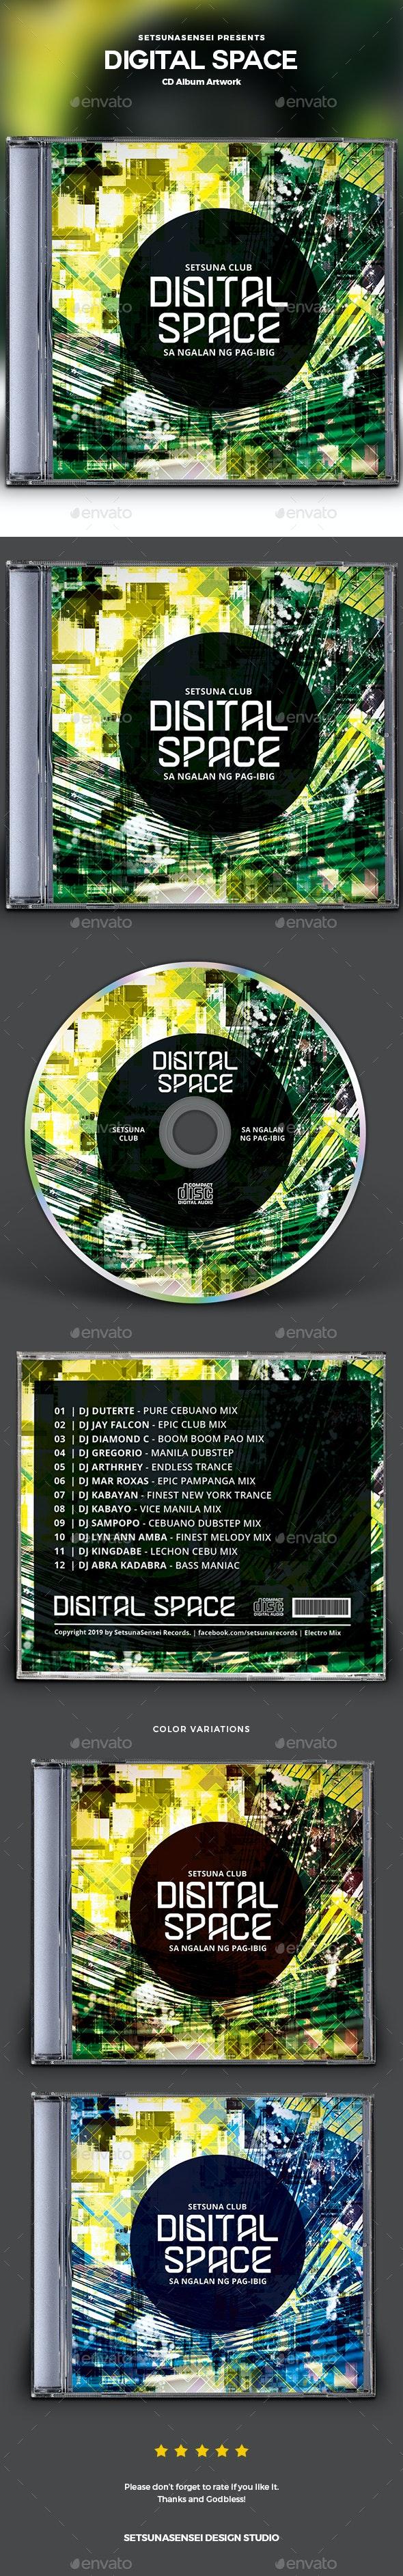 Digital Space CD Album Artwork - CD & DVD Artwork Print Templates